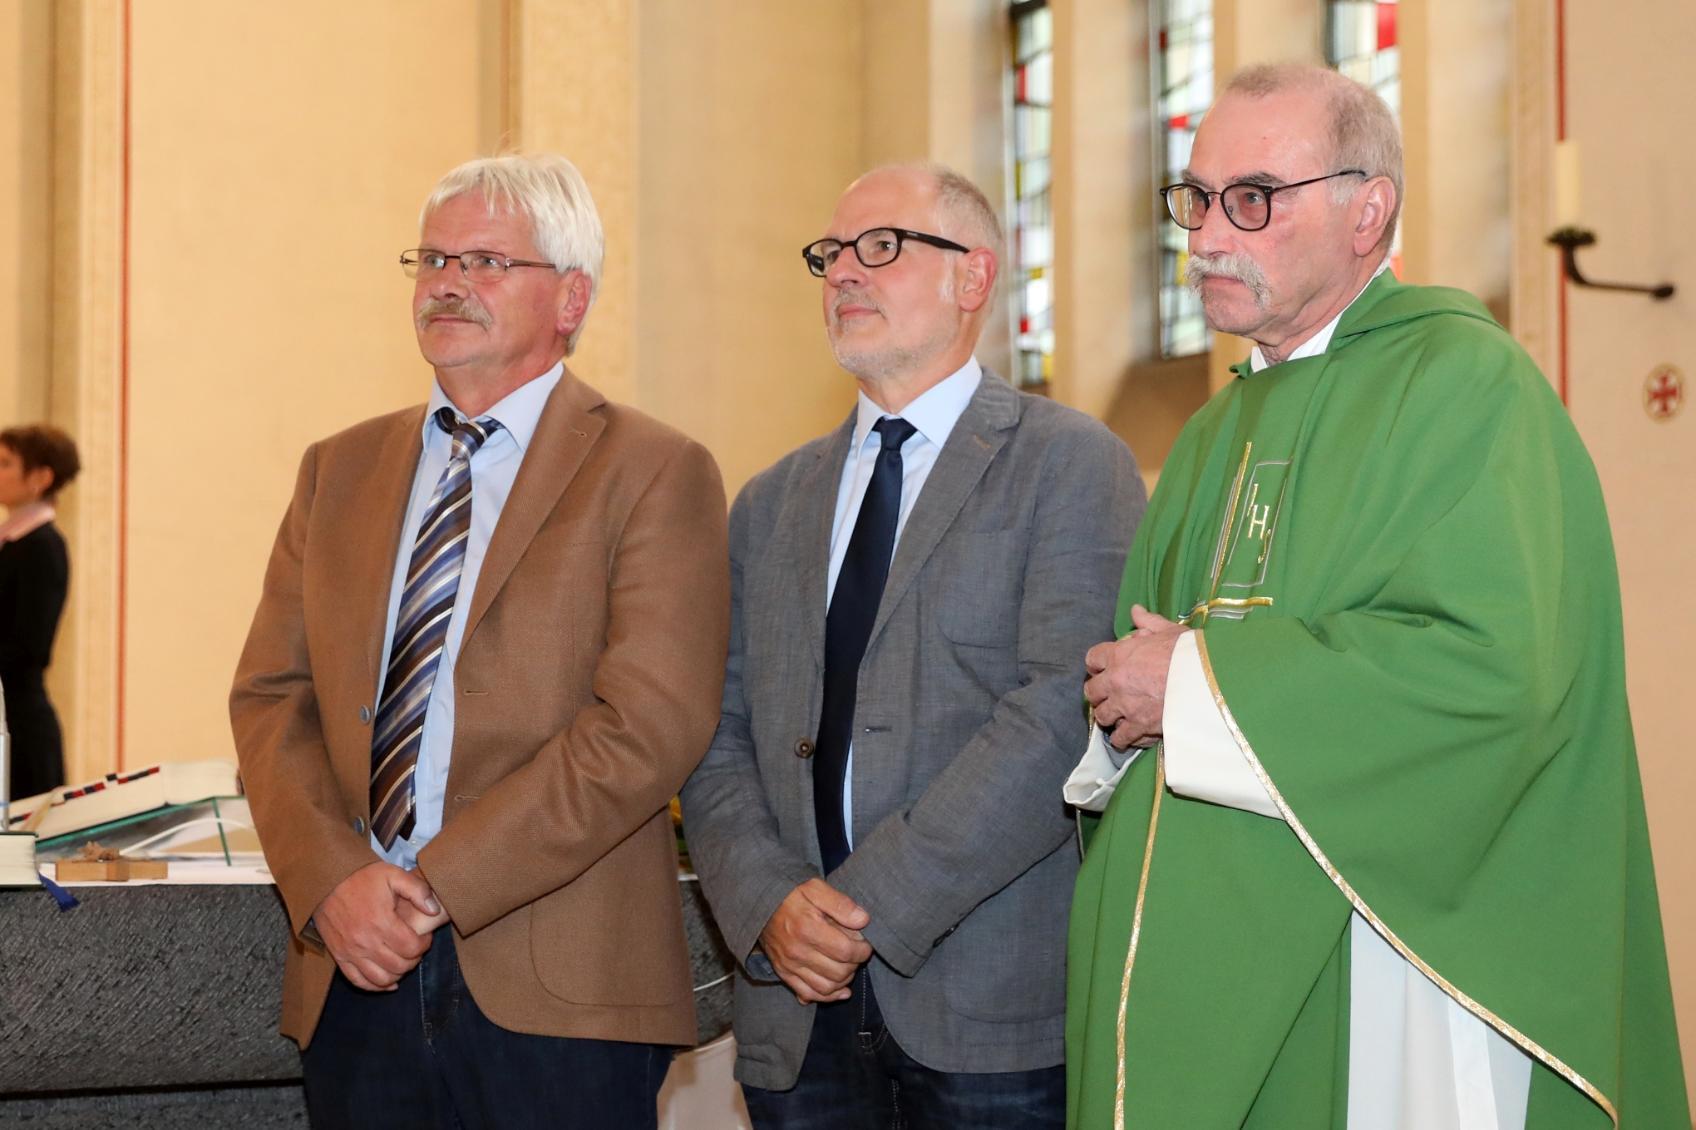 Einführung Regionalteam Eifel (c) Bistum Aachen / Andreas Steindl